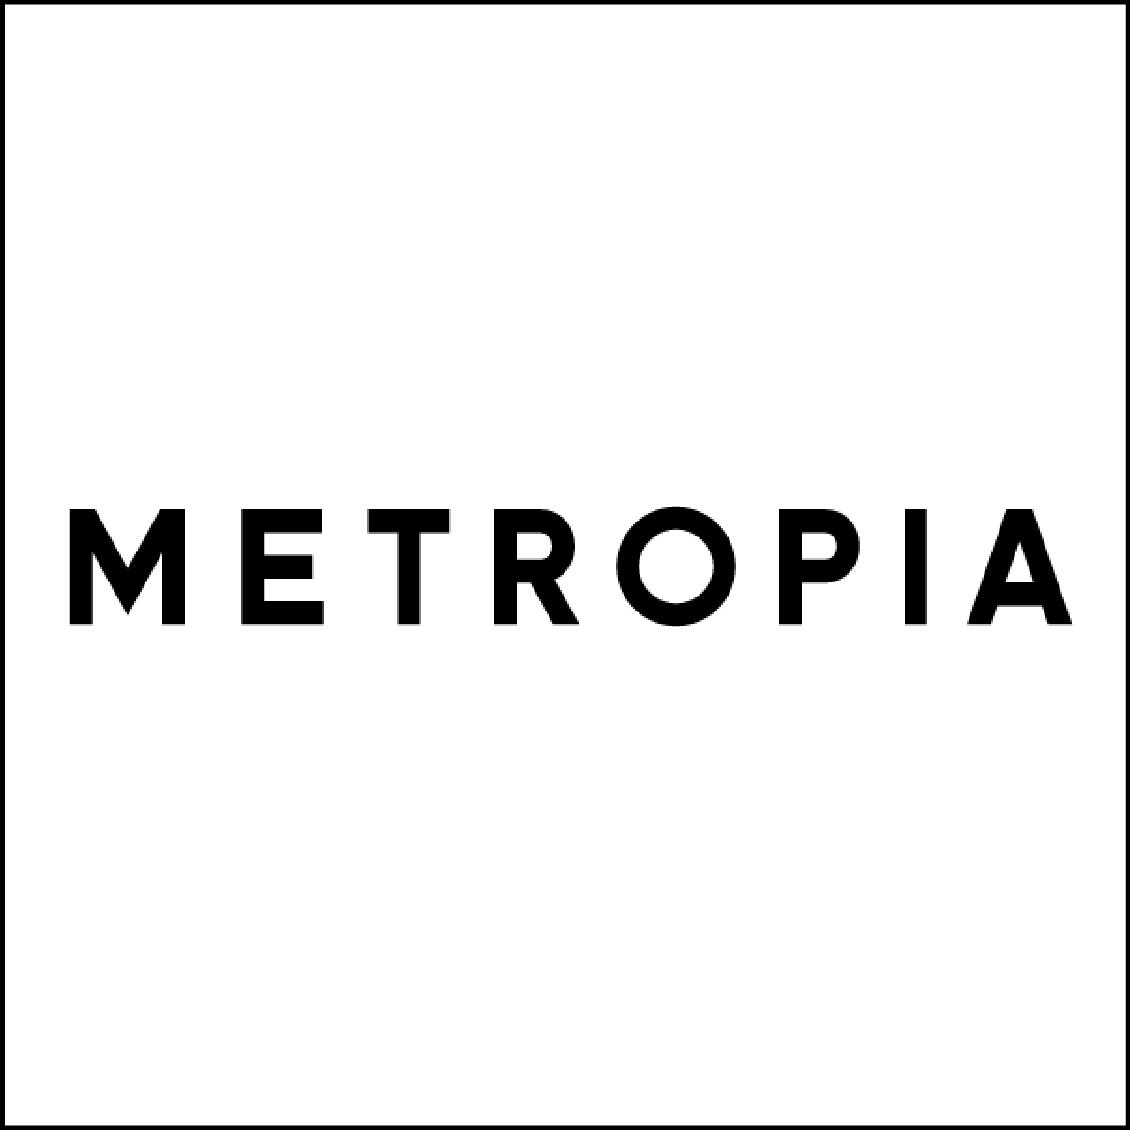 Metropia logo - white background 270 pix